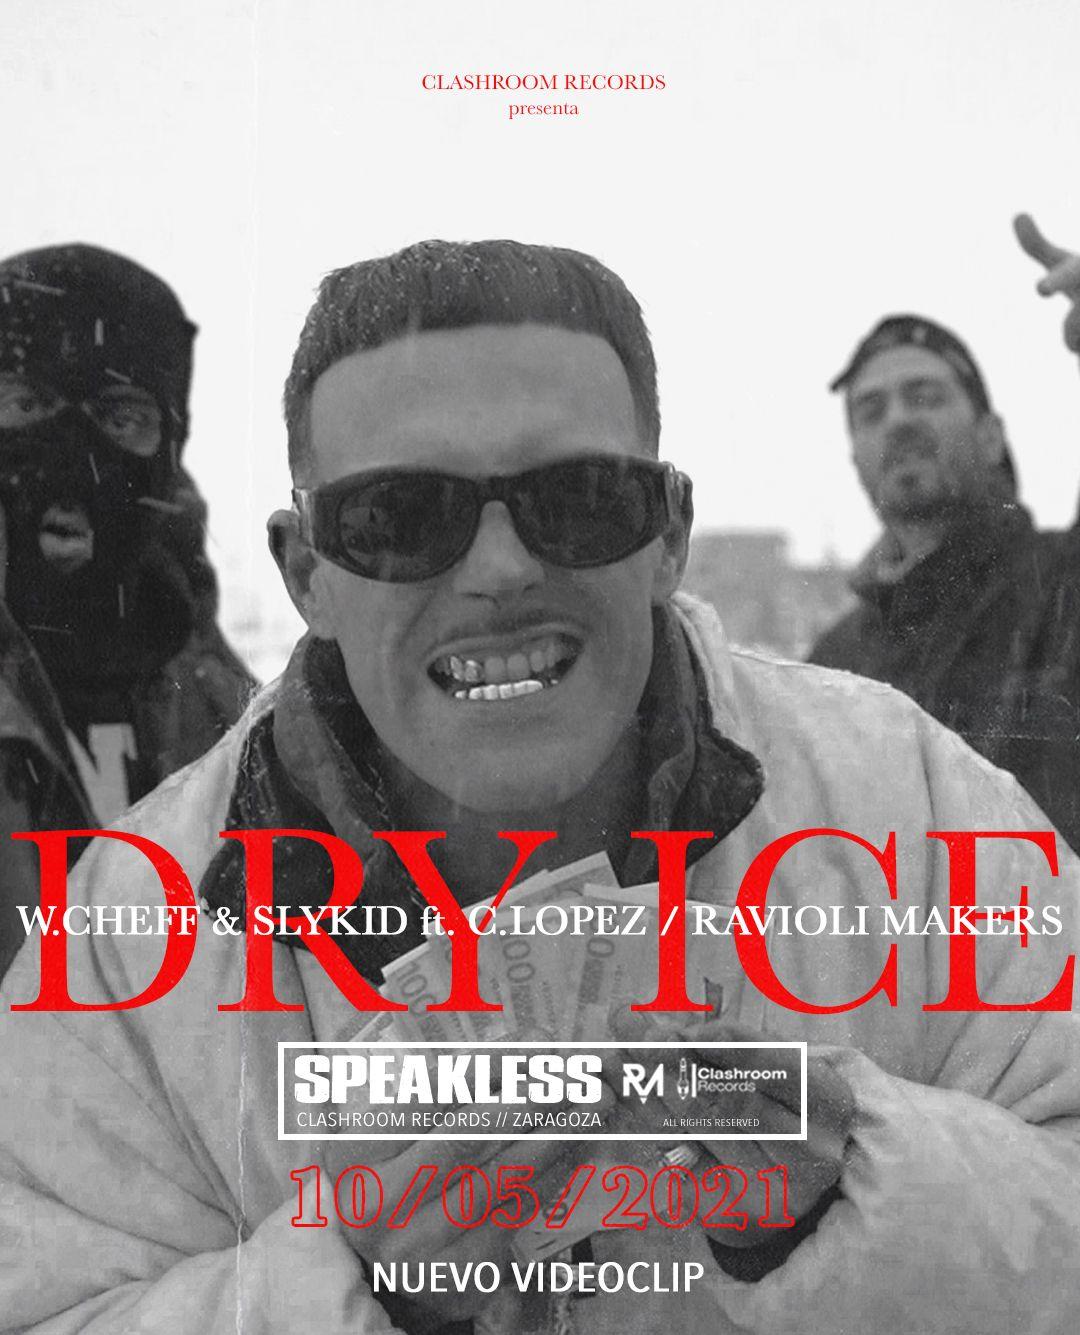 """""""Speakless"""": El nuevo EP de Ravioli Makers, W.Cheff y Slykid"""